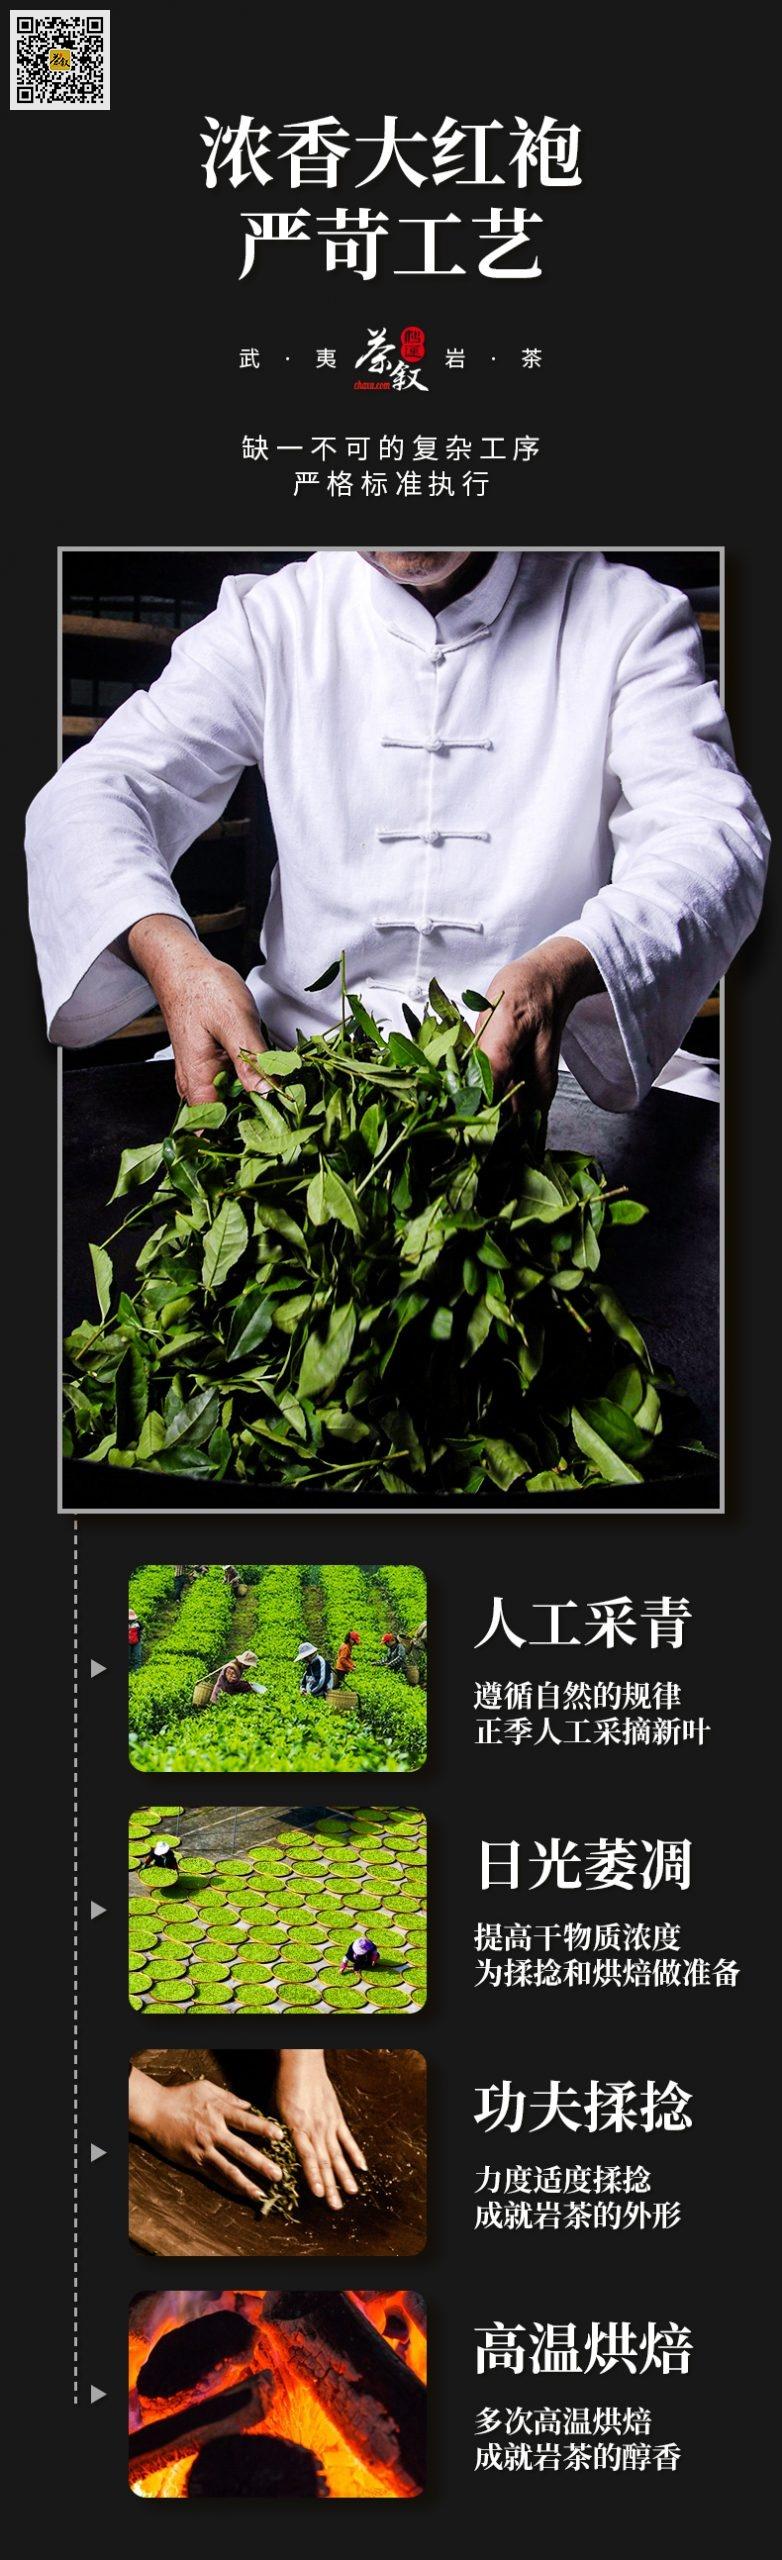 铁罐装散茶浓香大红袍制作工艺介绍